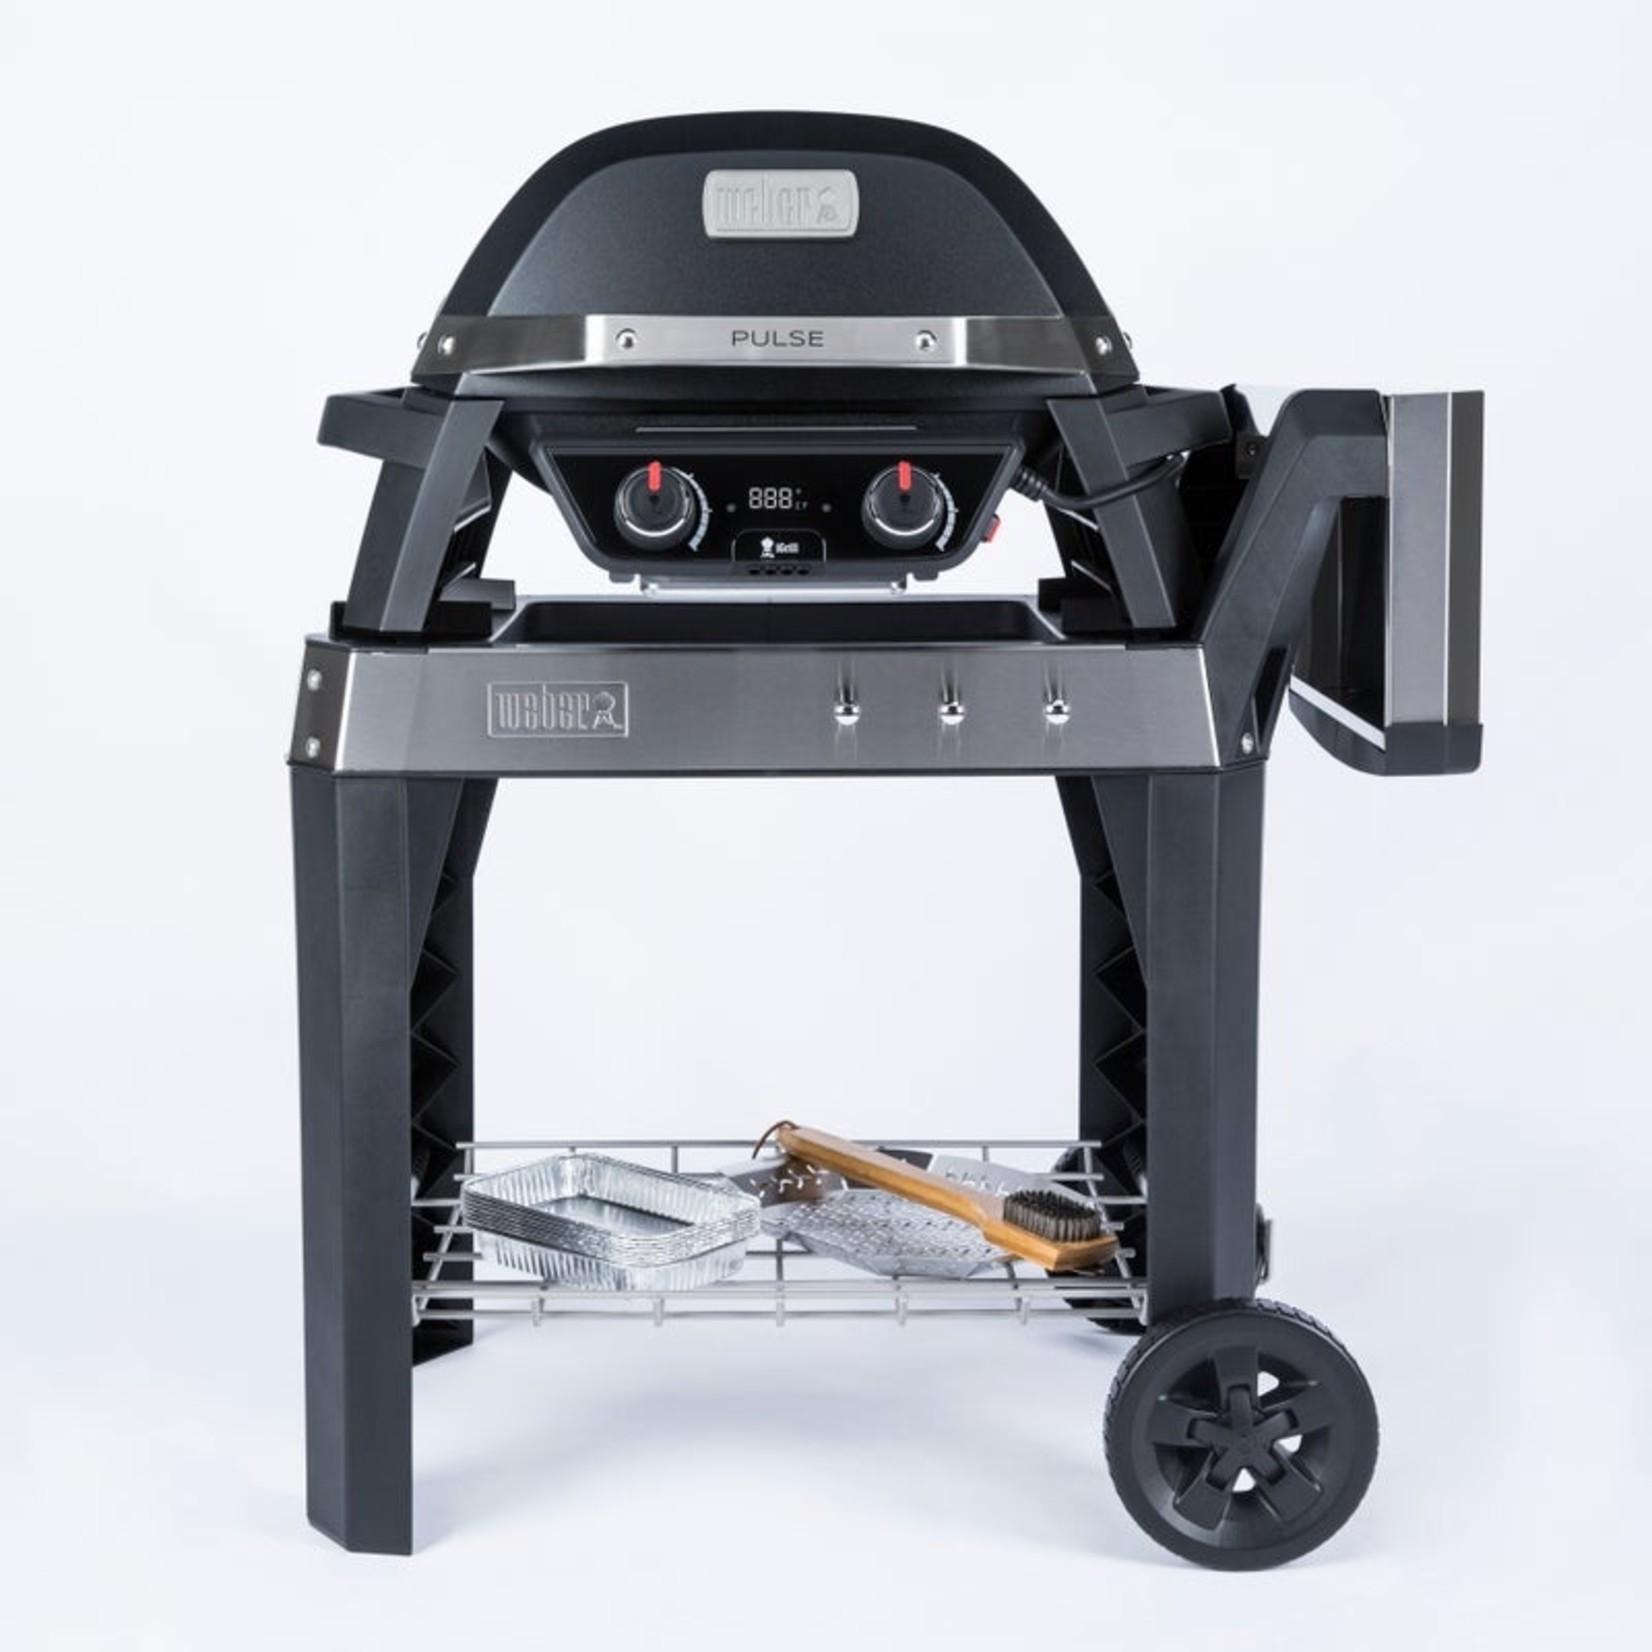 Weber Pulse 2000 elektrische barbecue met onderstel zwart. Grilloppervlakte 49x39cm